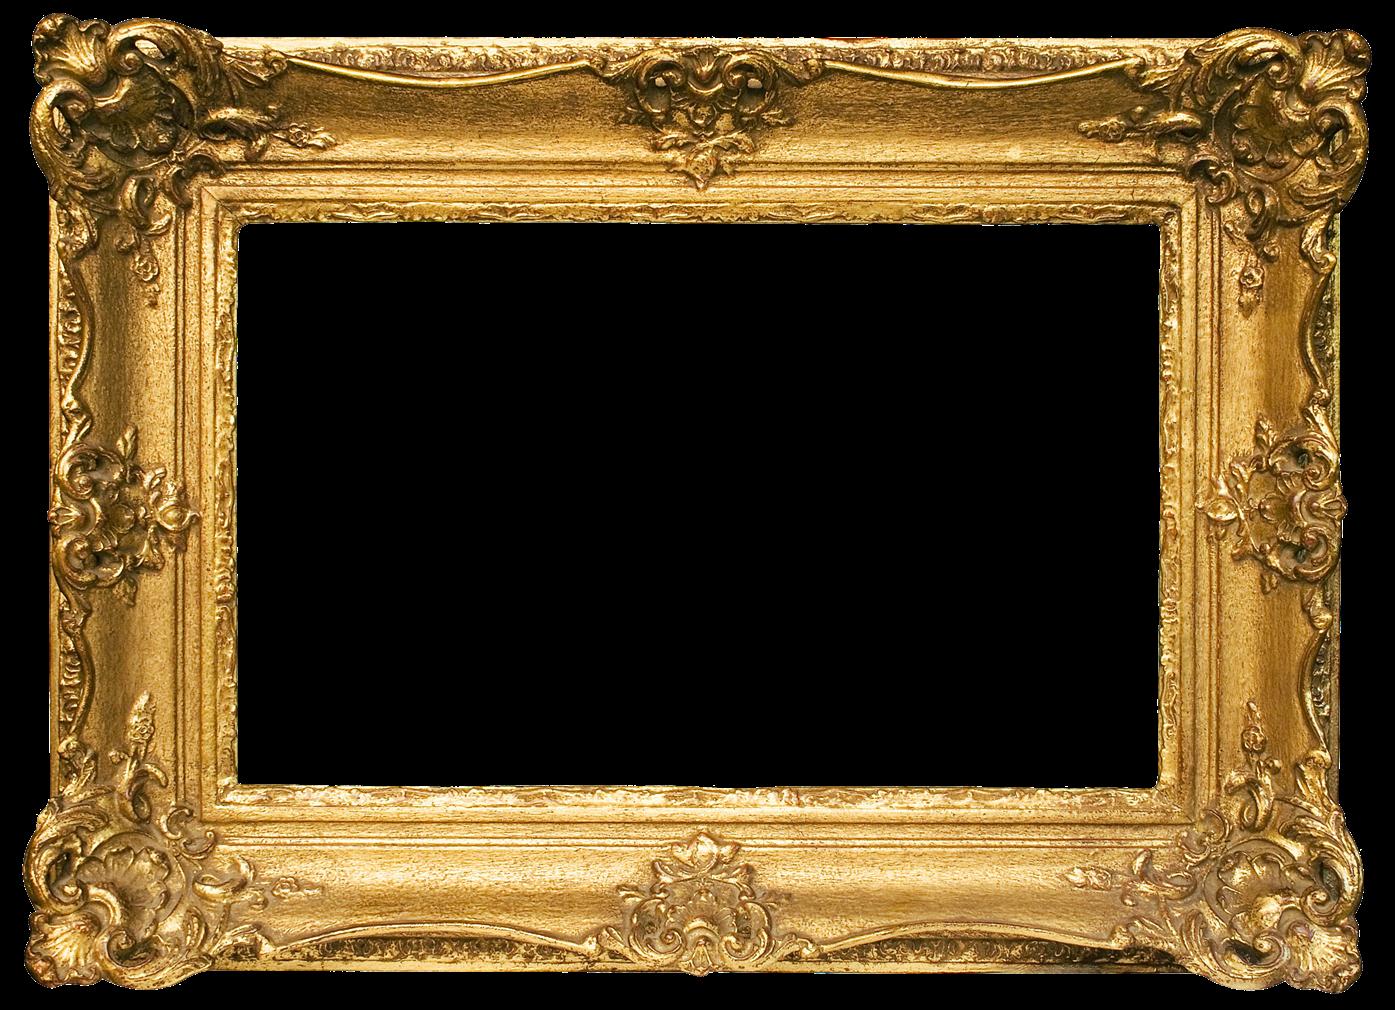 Golden frame png. Gold transparent images all